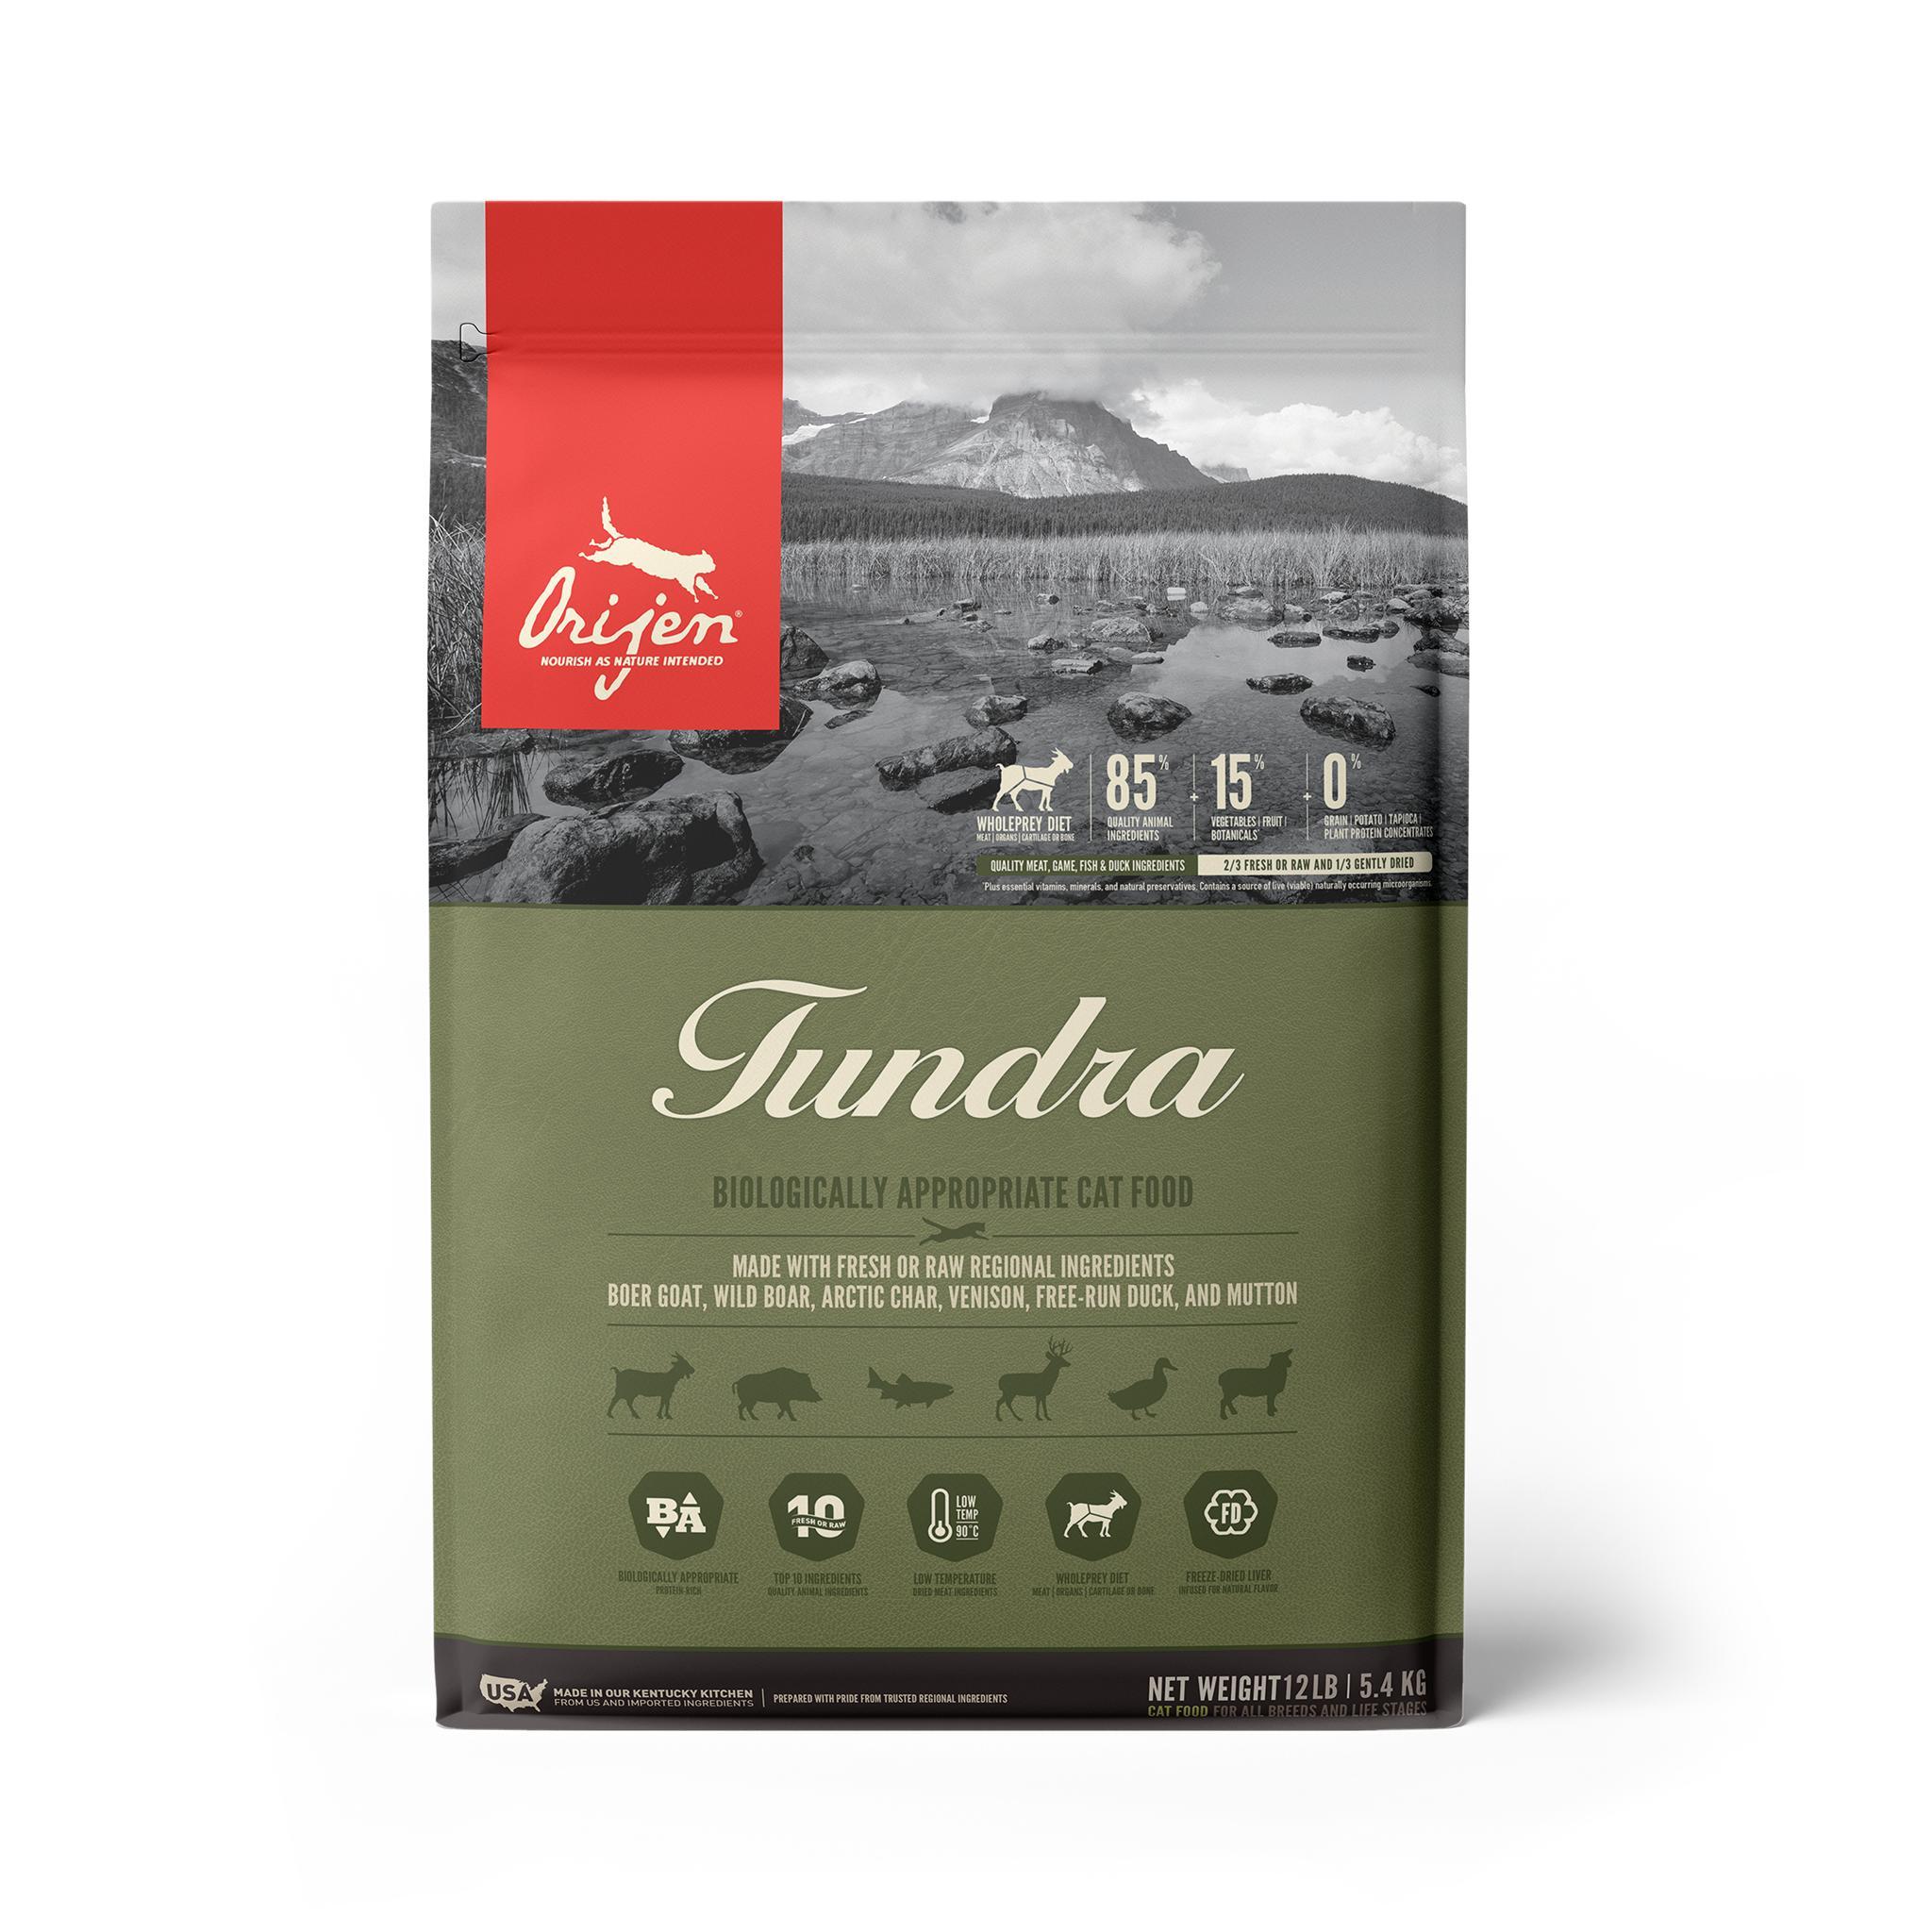 ORIJEN Tundra Grain-Free Dry Cat Food, 12-lb